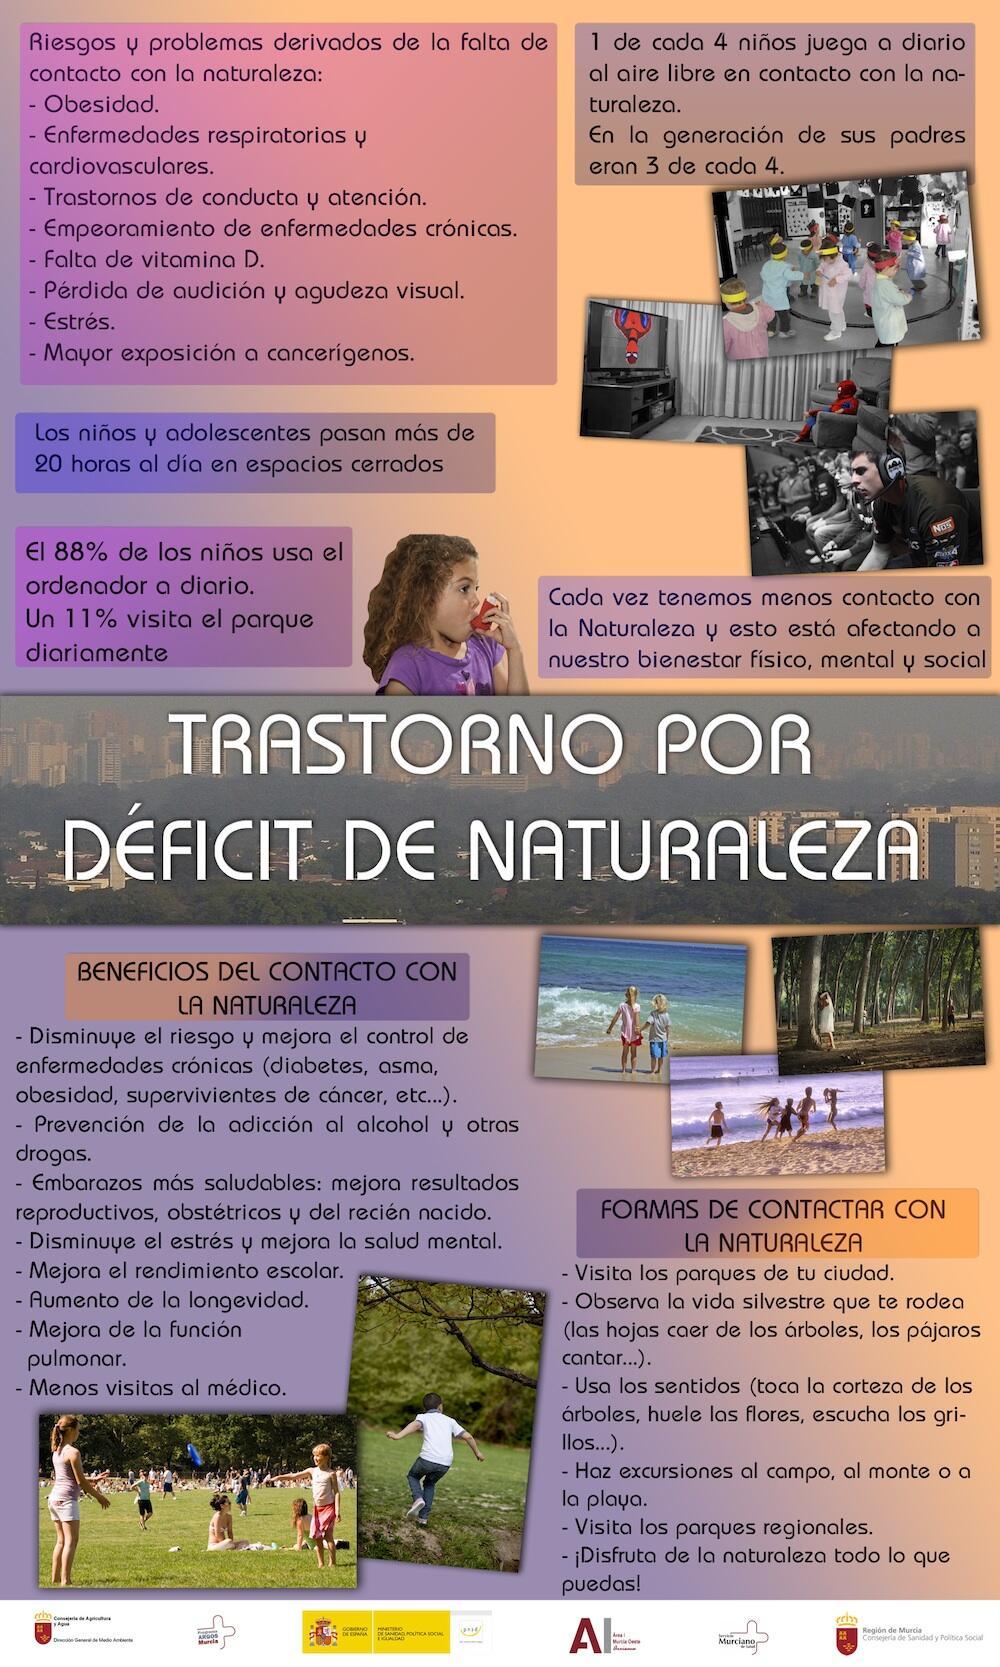 Trastorno por déficit de naturaleza